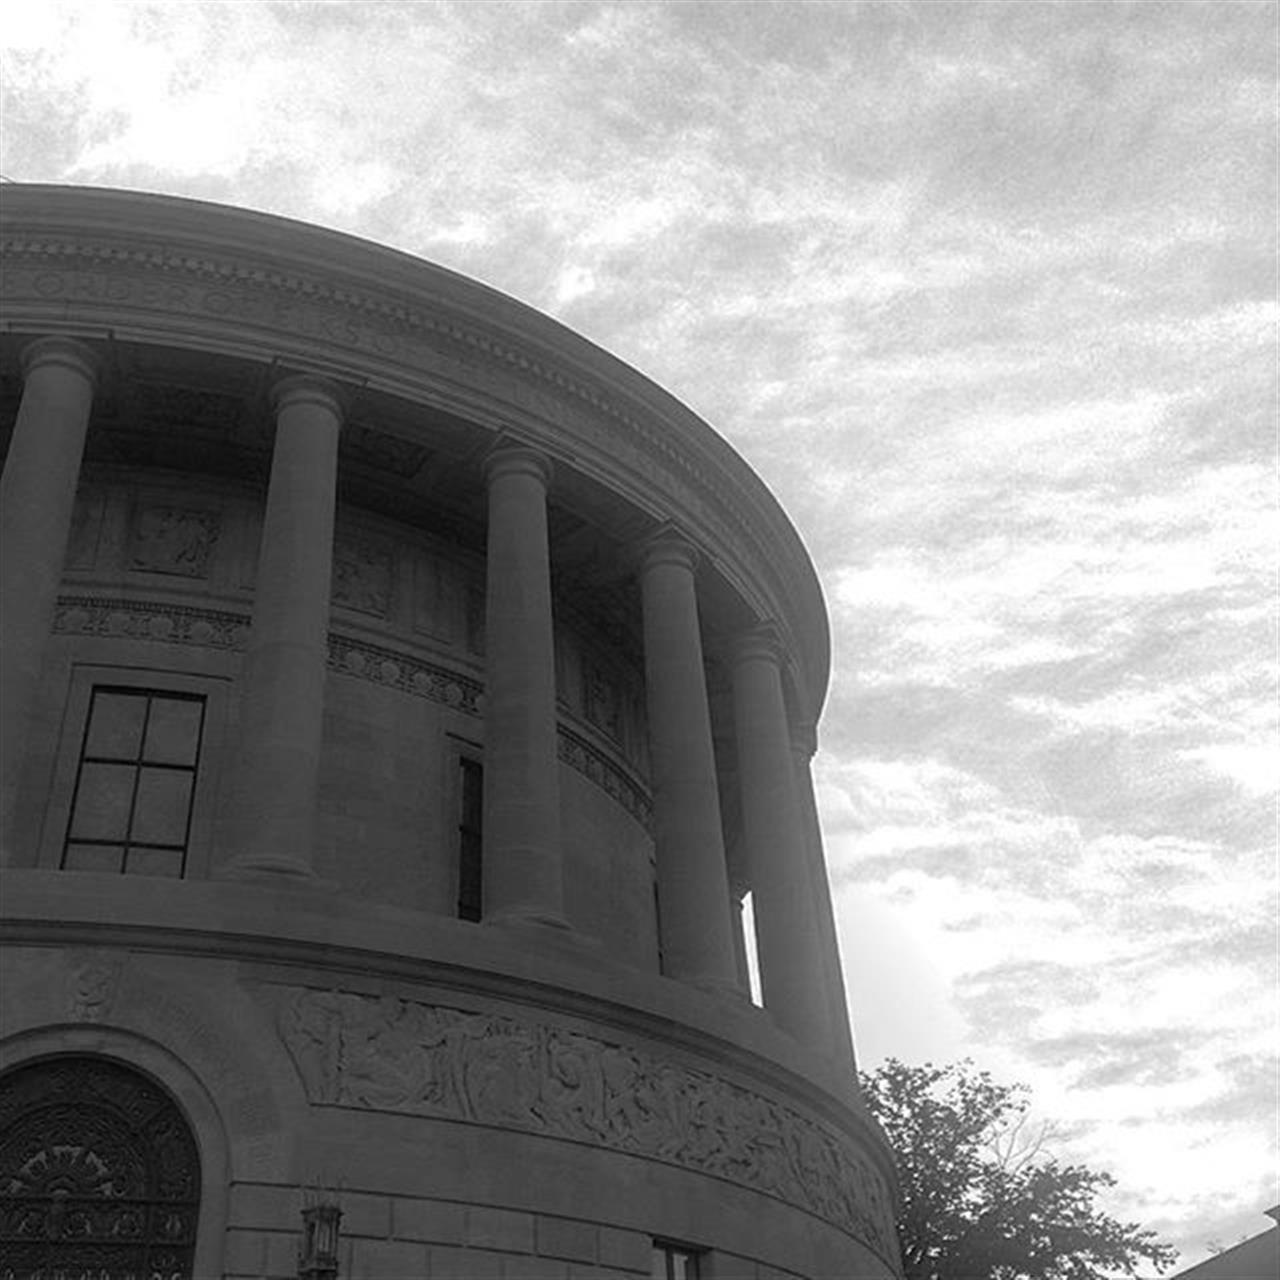 A Parthenon in Lincoln Park #chicago #leadingrelocal #chicagoarchitecture #lincolnpark